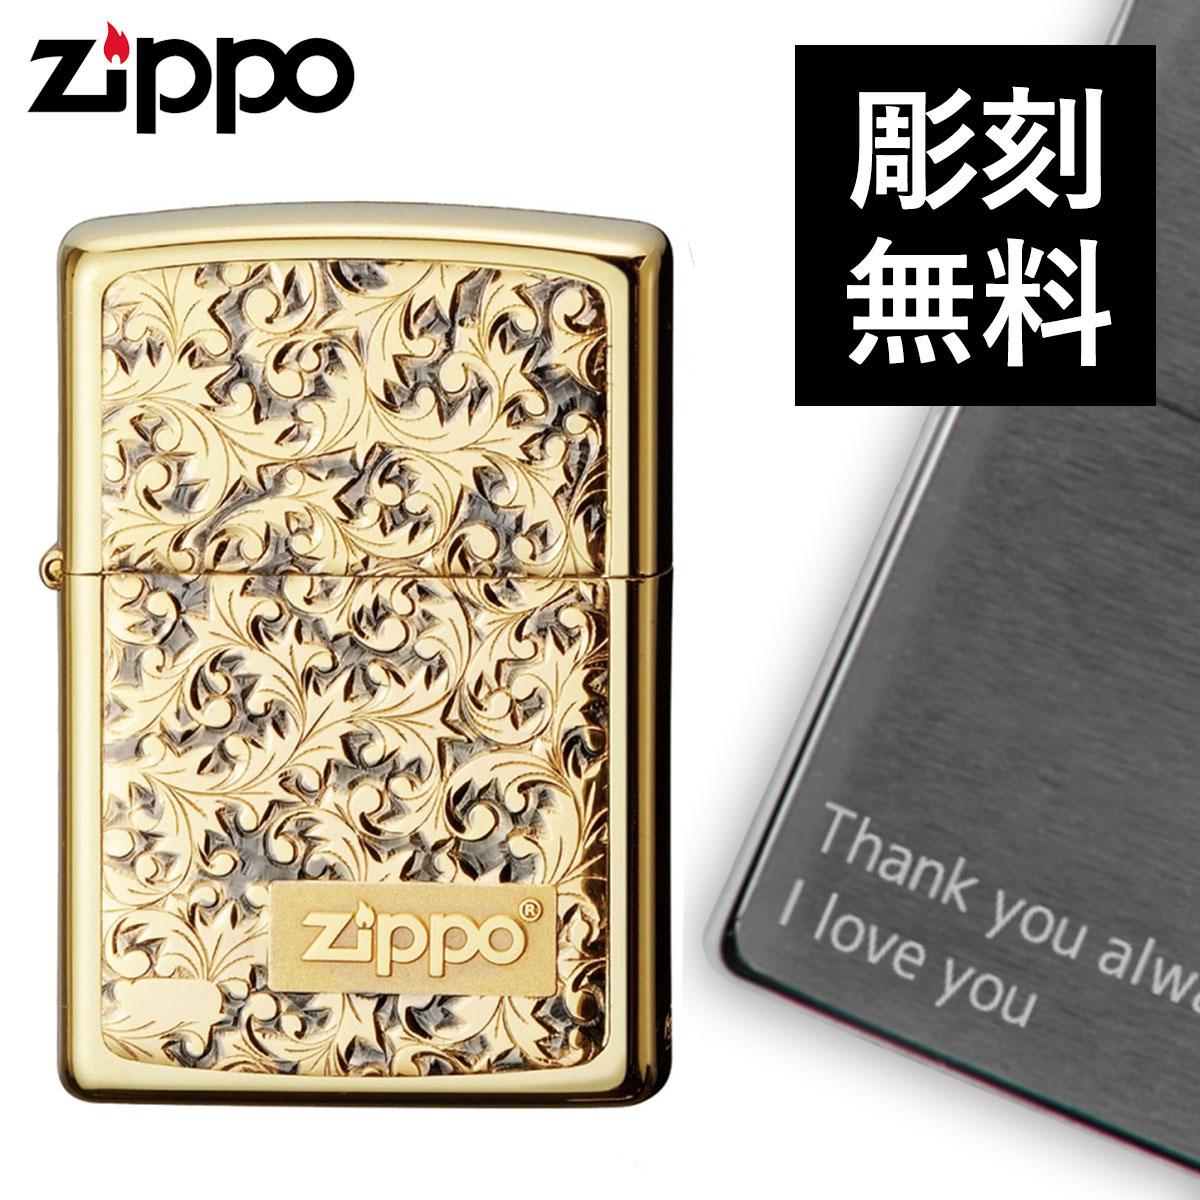 名入れ ネーム 対応 zippo 名入れ ジッポー ライター チタン 200 金チタン K-08 ギフト プレゼント 贈り物 オイルライター ジッポライター チタンメッキ キズがつきにくい シンプル 彼氏 男性 メンズ 喫煙具